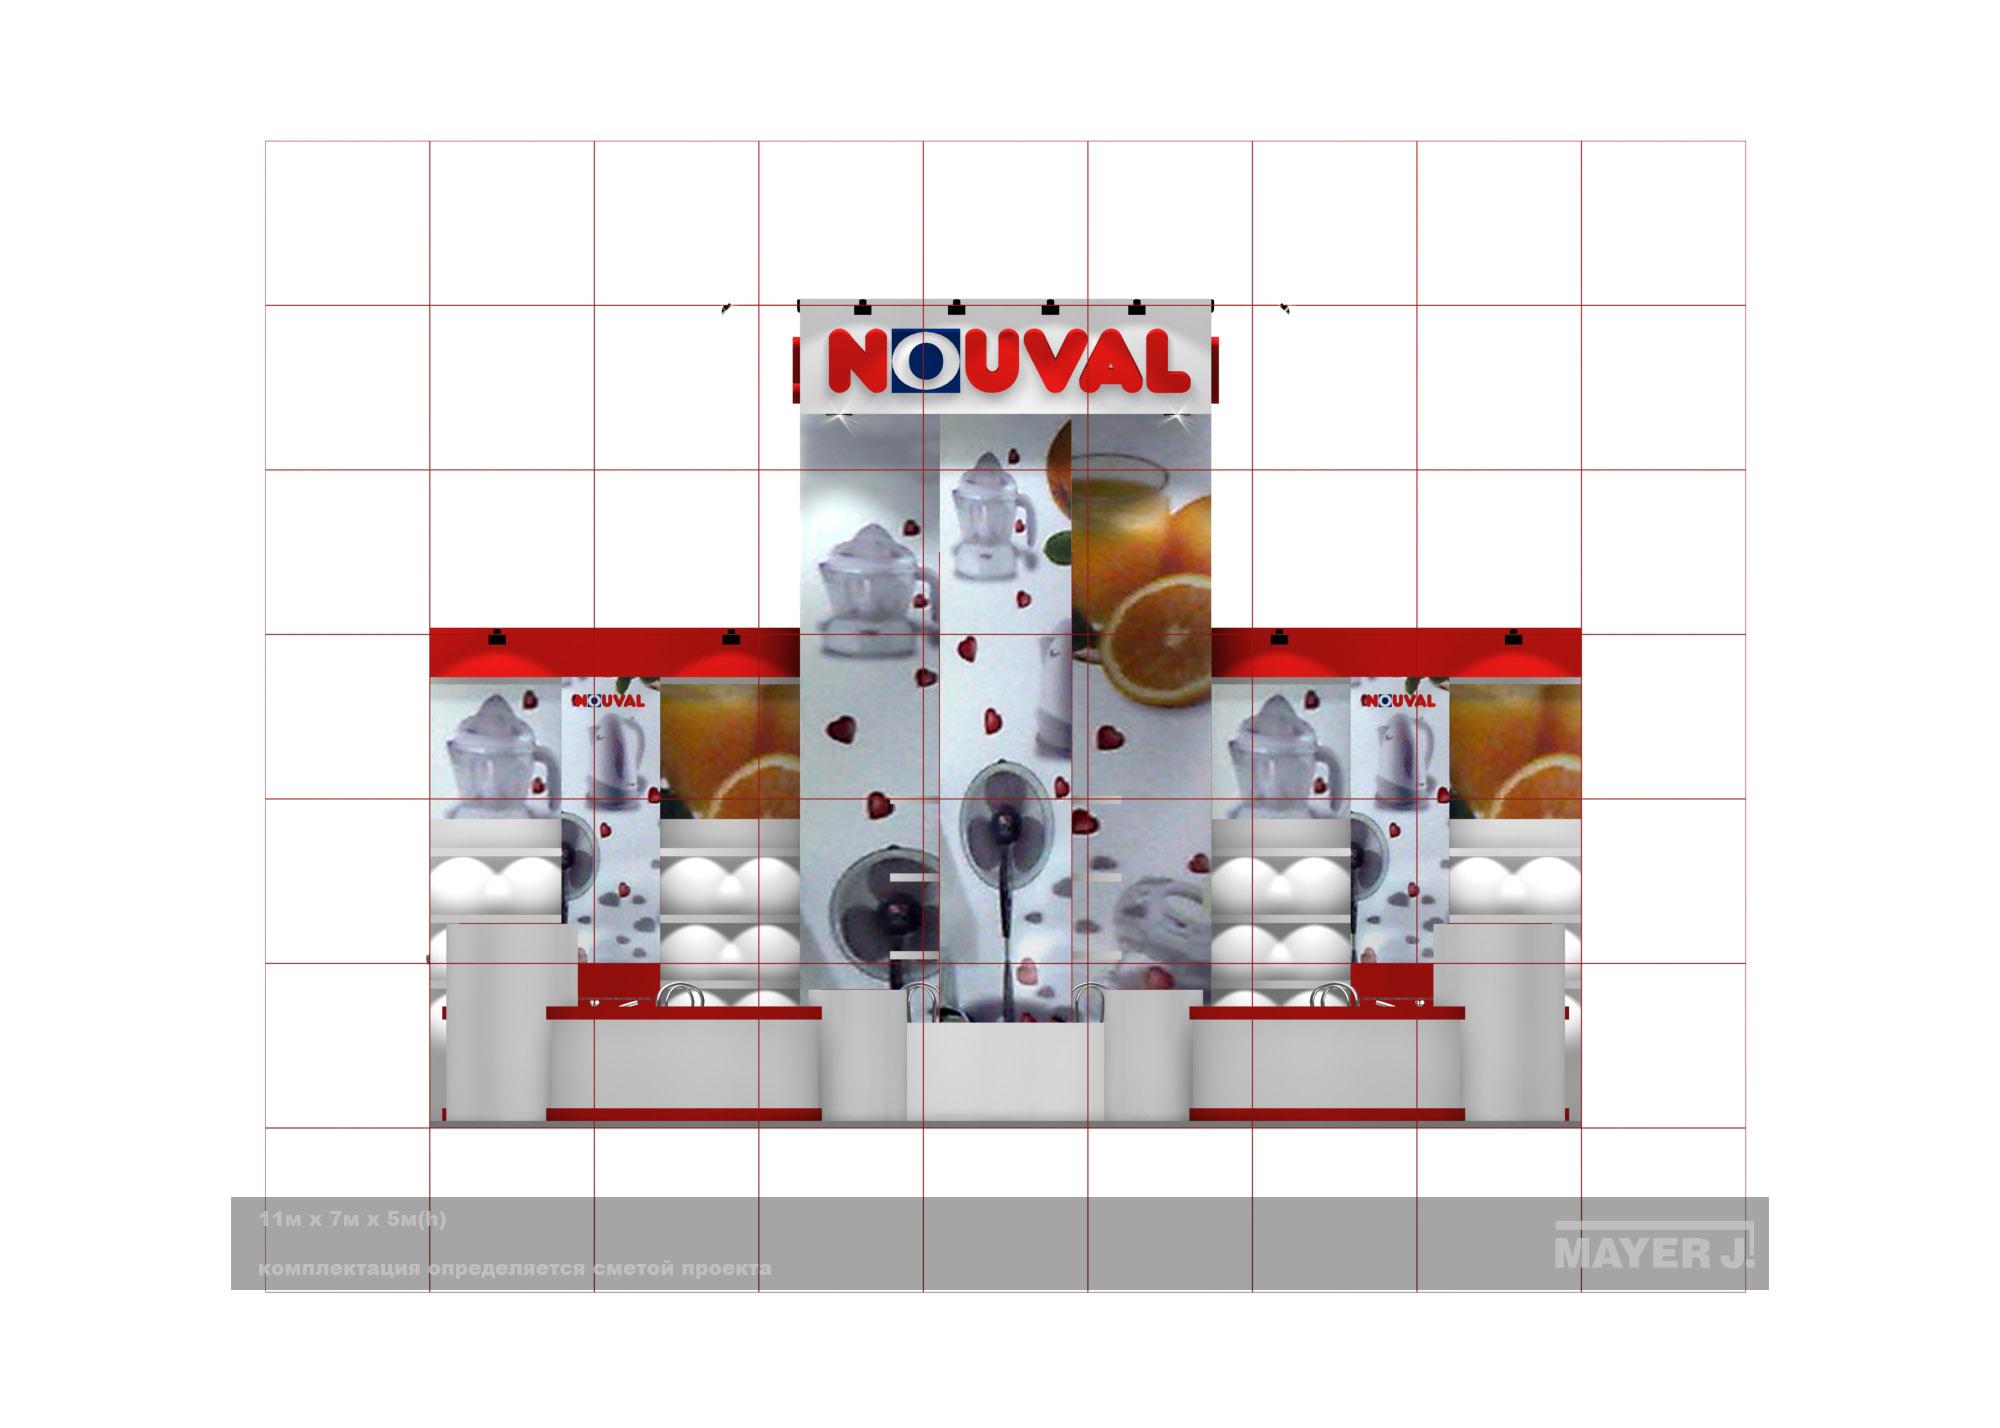 Дизайн проект выставочного стенда для компании Nouval.